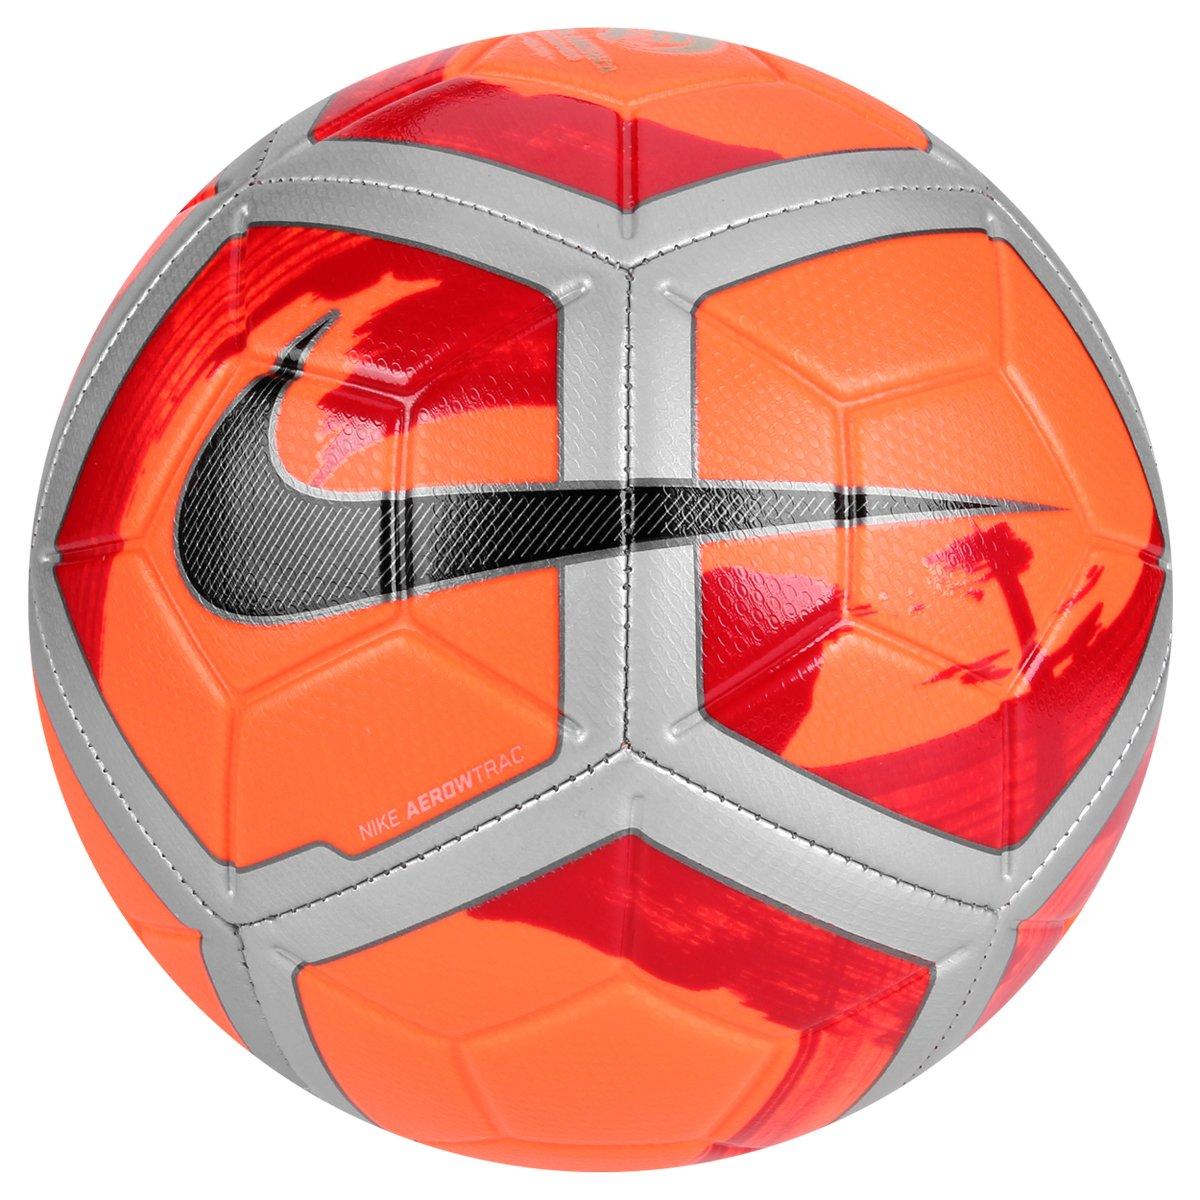 Bola Futebol Nike Strike Premium Copa América Centenário Campo - Compre  Agora  c14a96a5e18f1